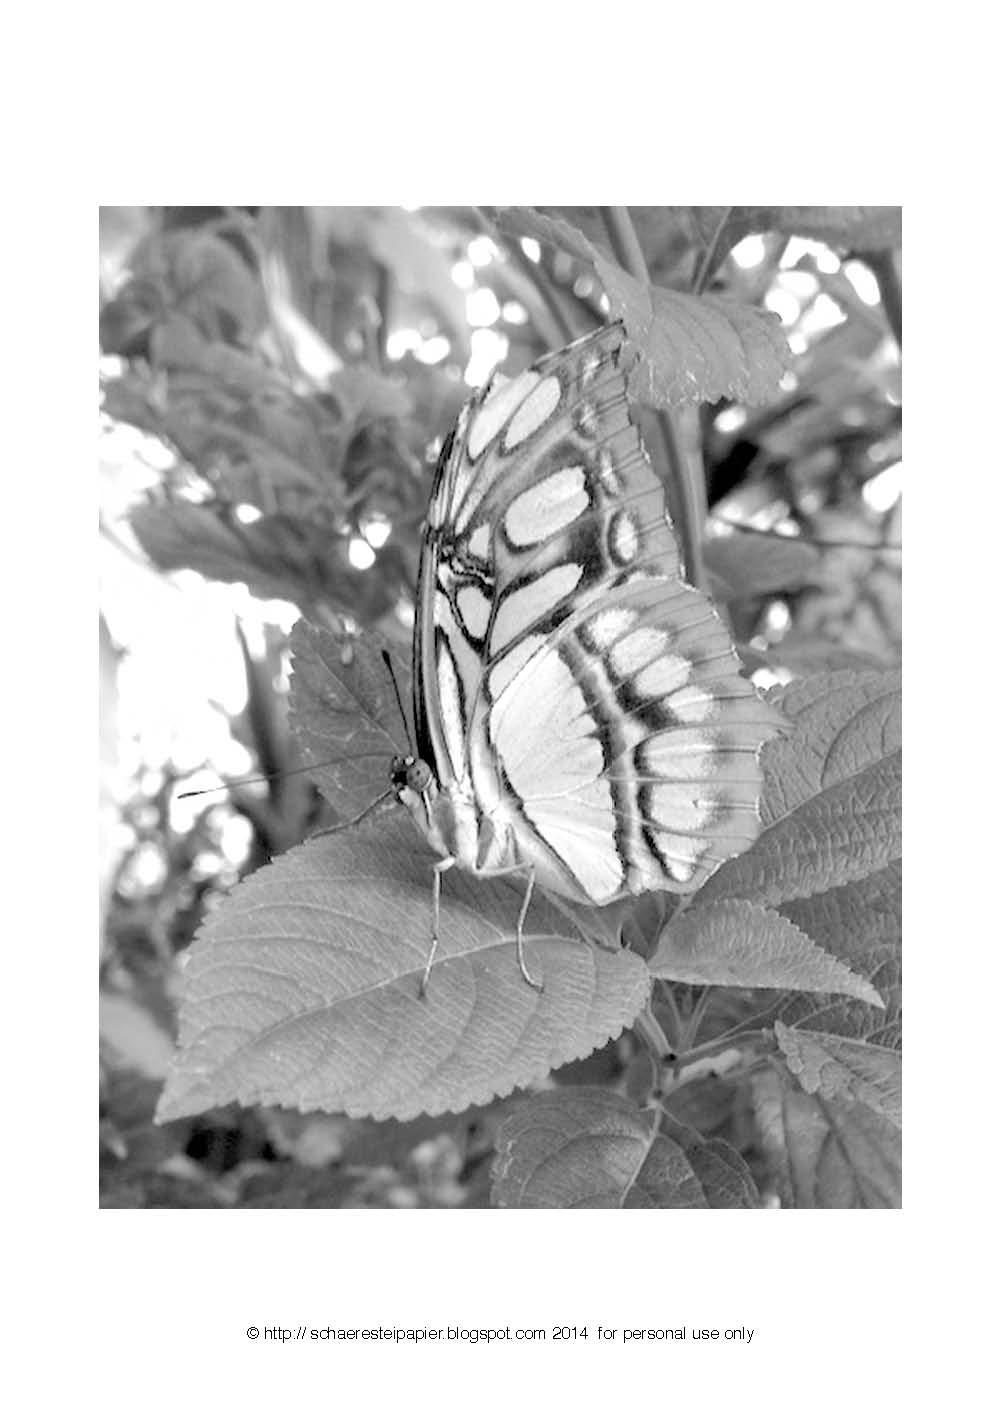 Malvorlage Schmetterling - Ausmalbilder - malvorlagen schmetterlinge